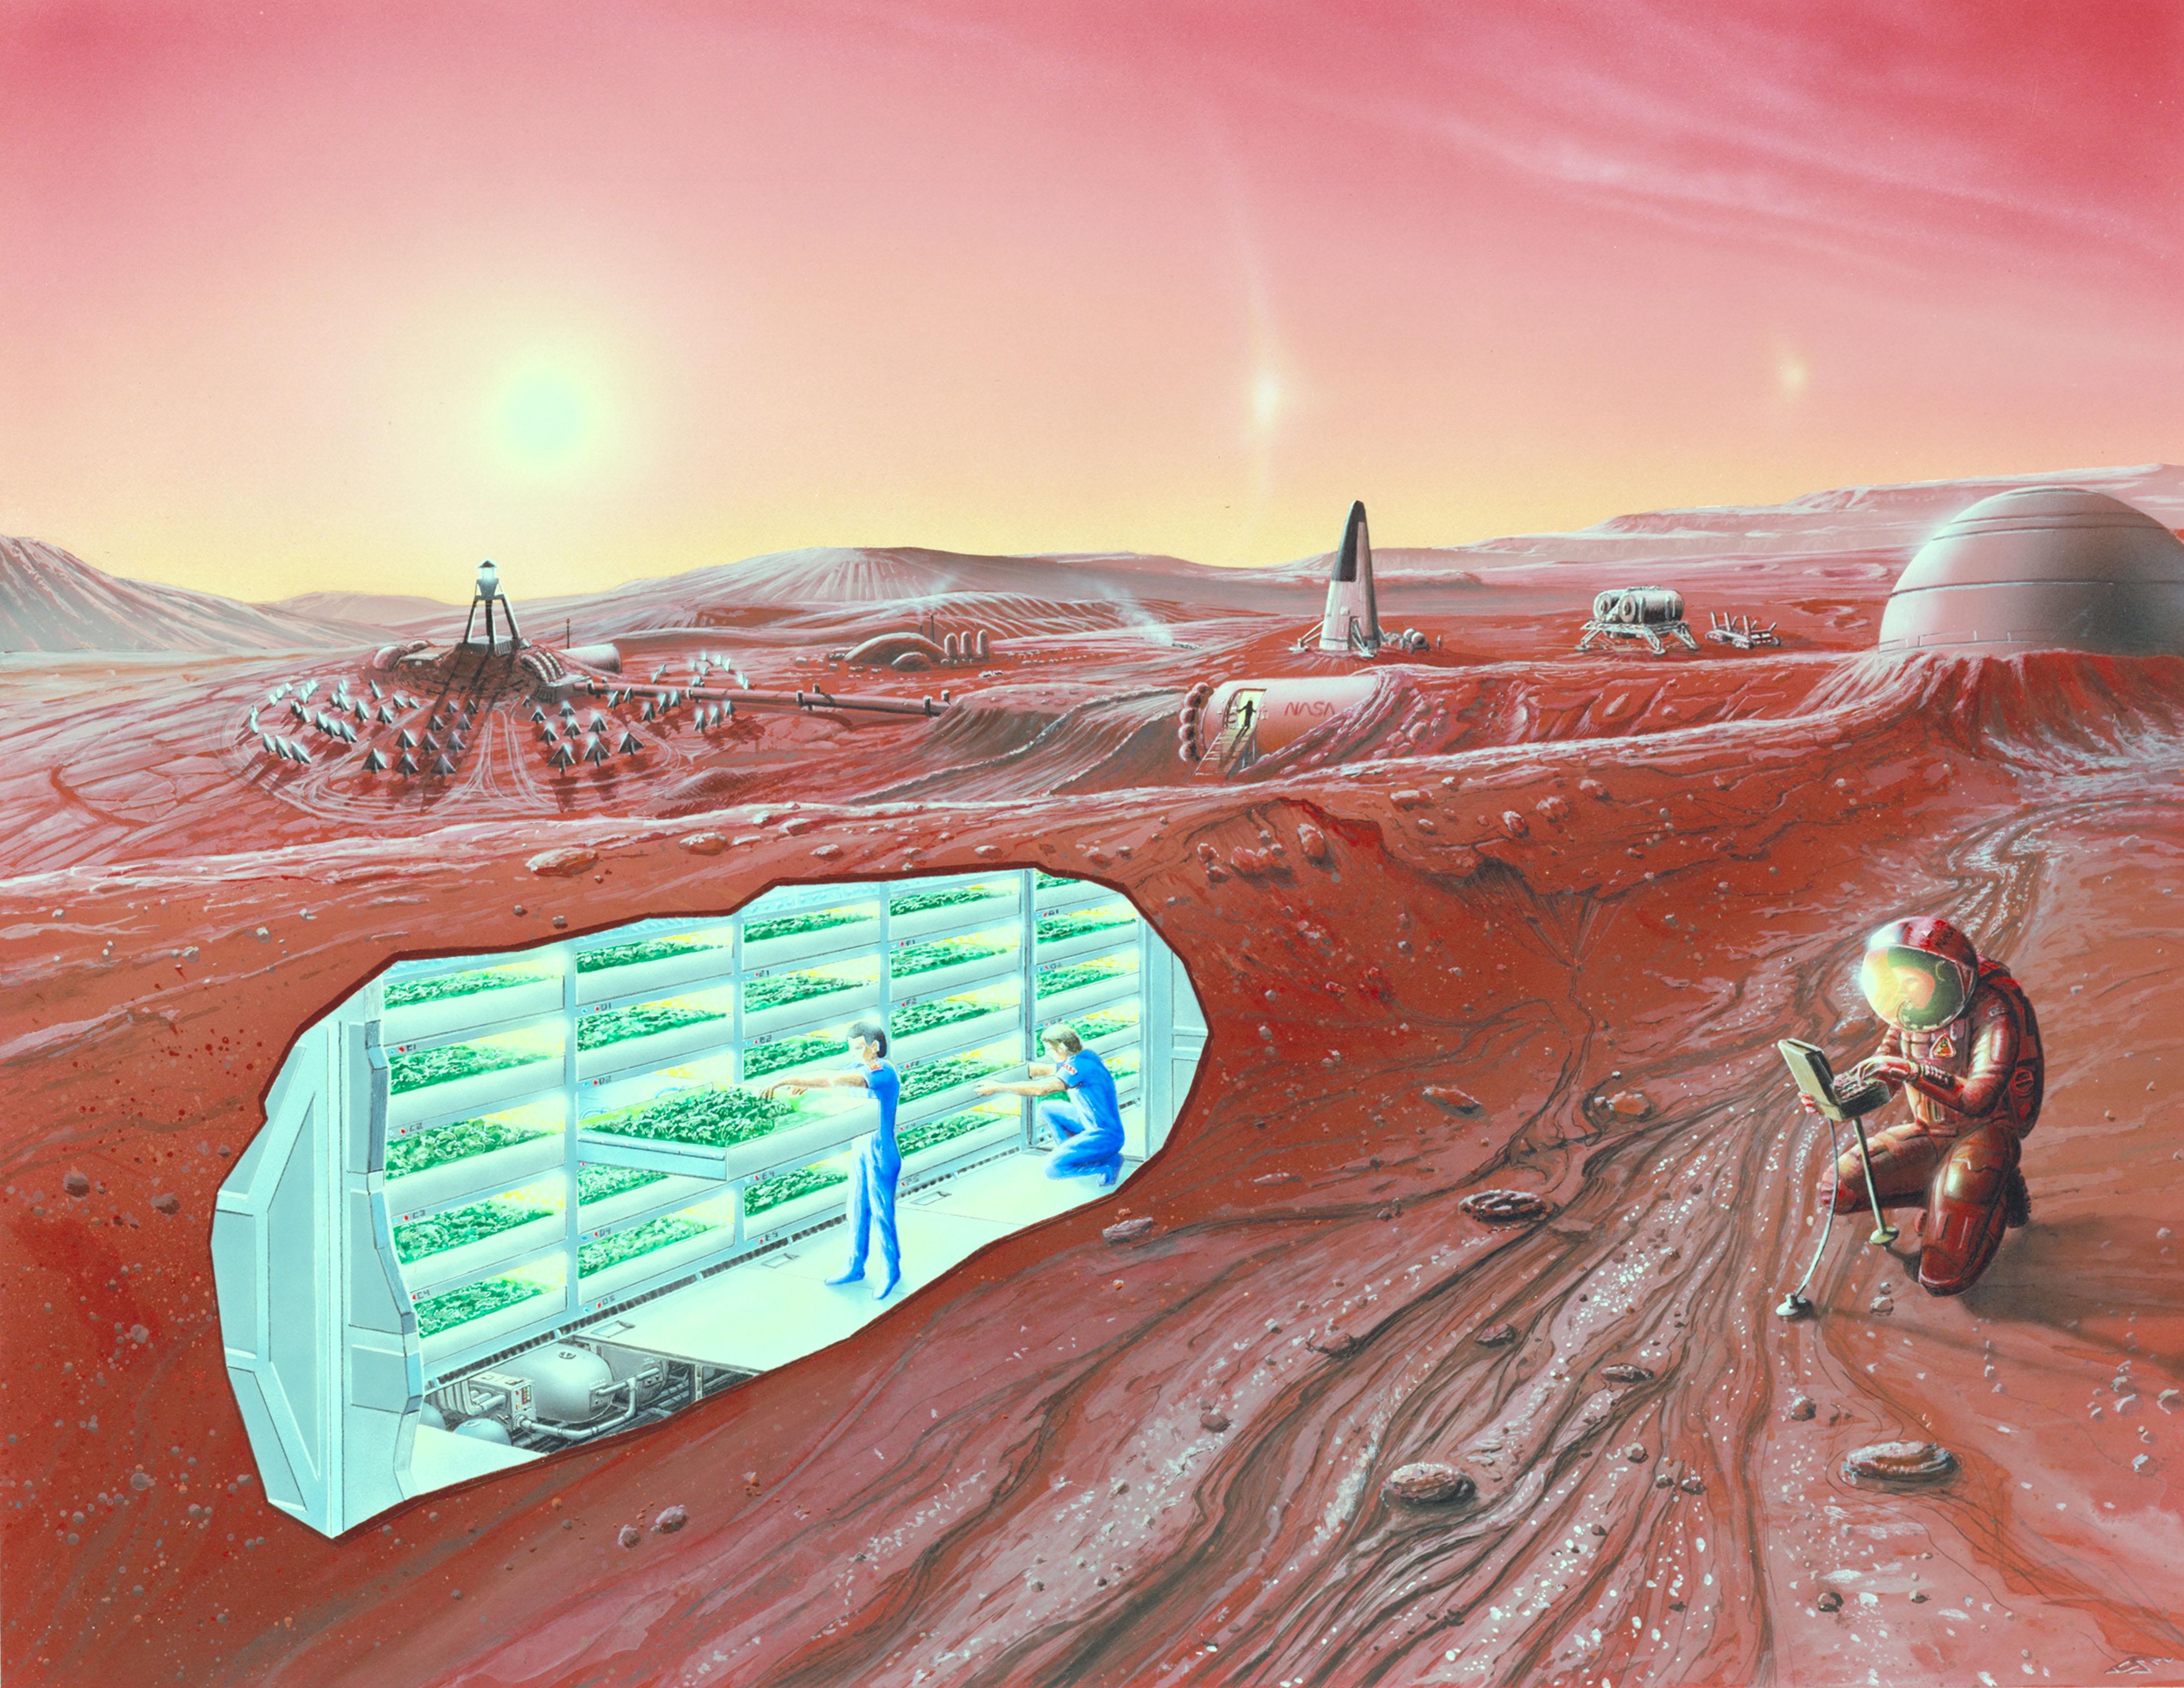 mars underground base - photo #33